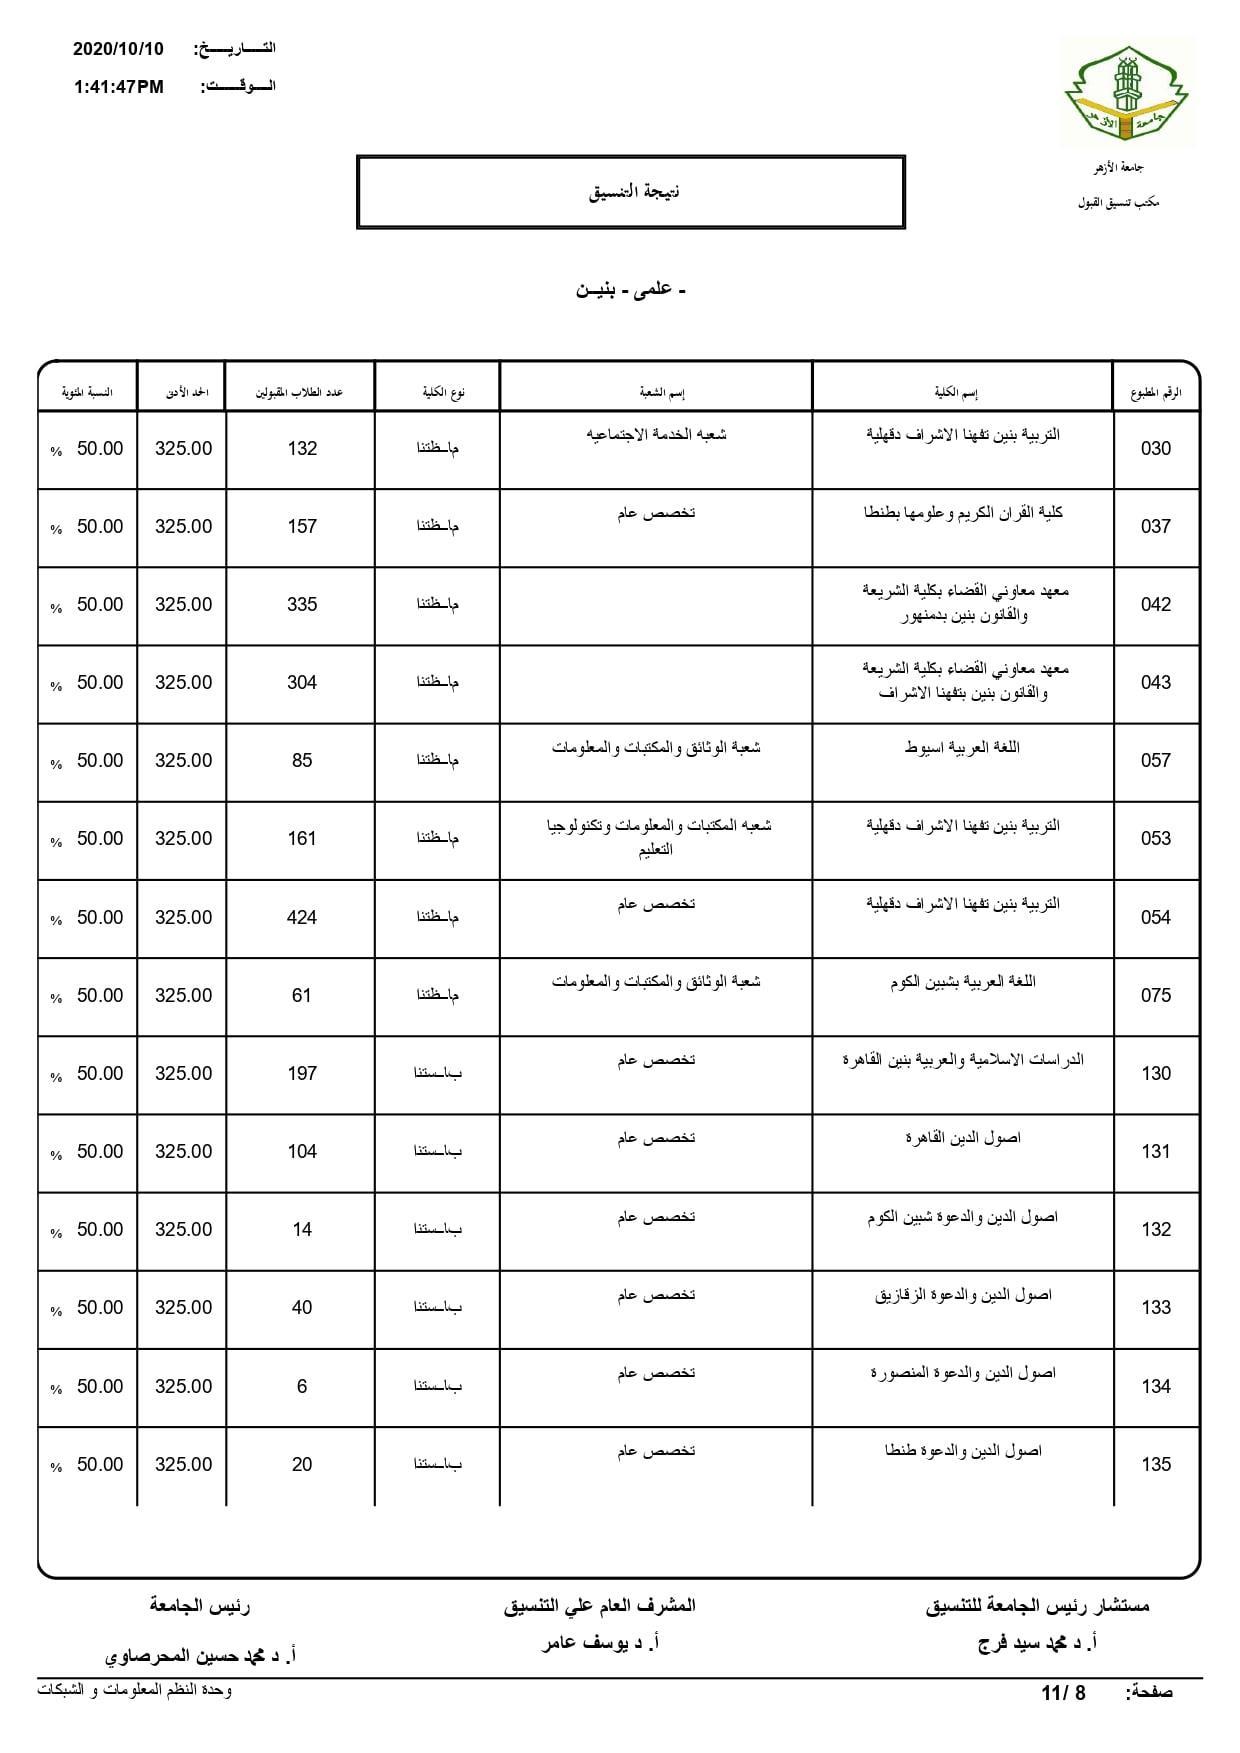 نتيجة تنسيق كليات جامعة الأزهر لعام 2020 بالكامل 20201010200836764